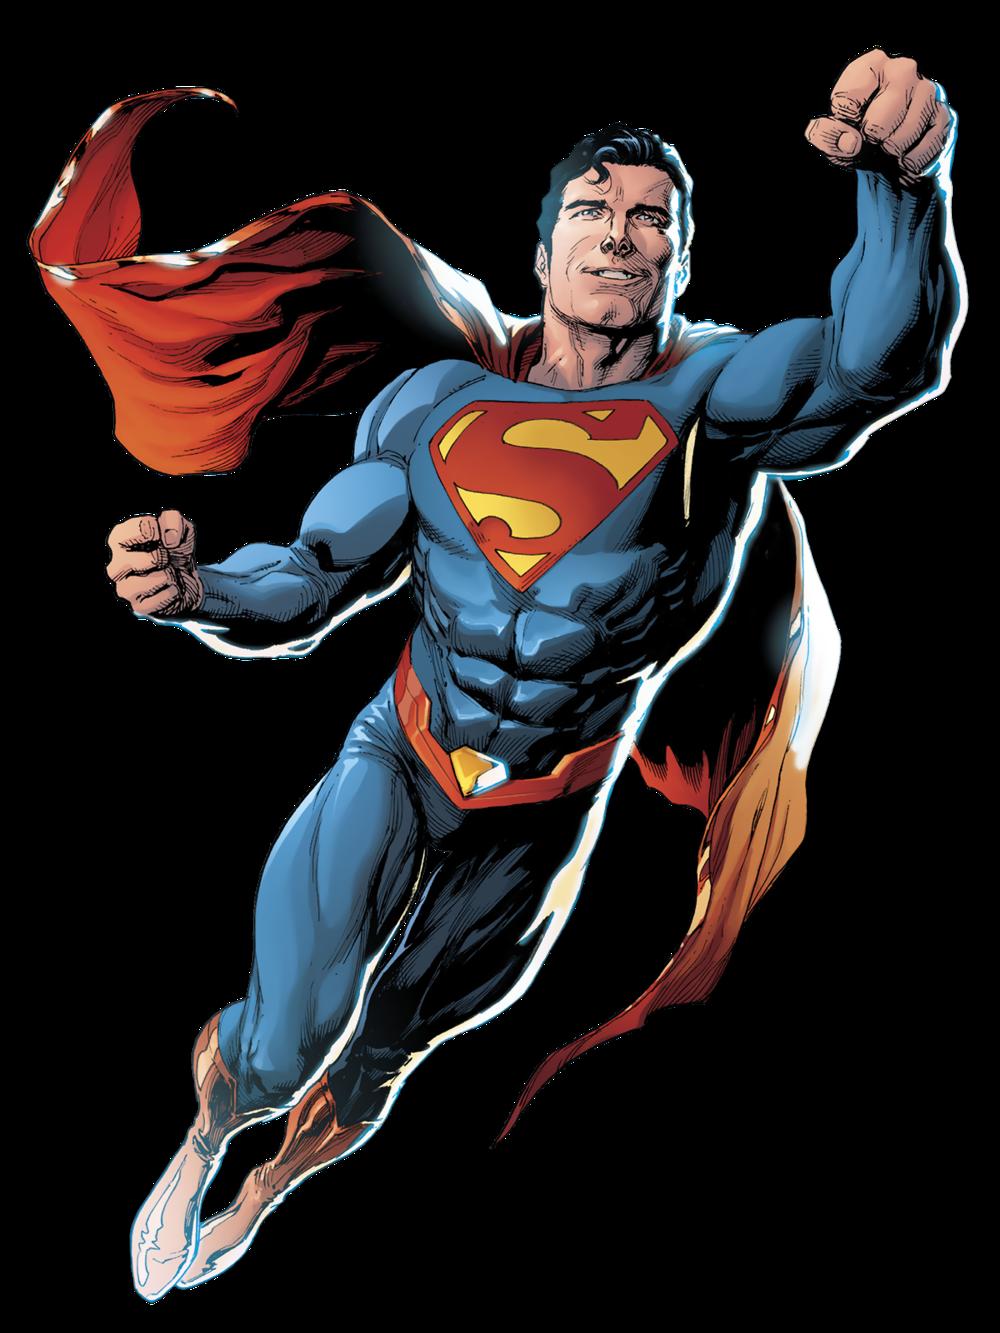 漫画中的超人形象